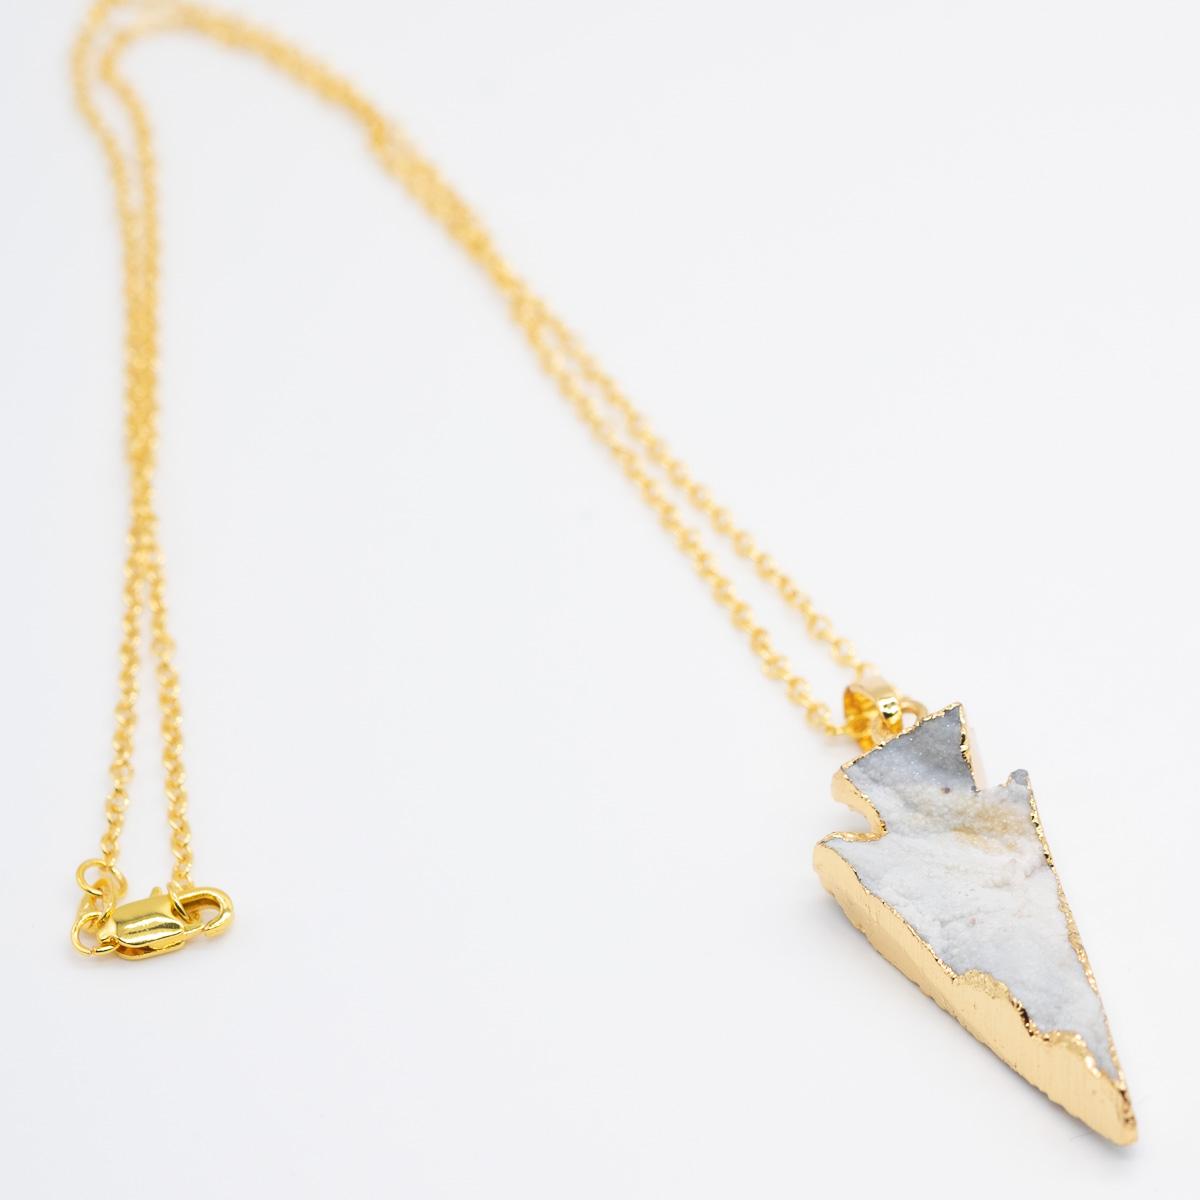 HGR-009 ruwe agaat gouden hanger